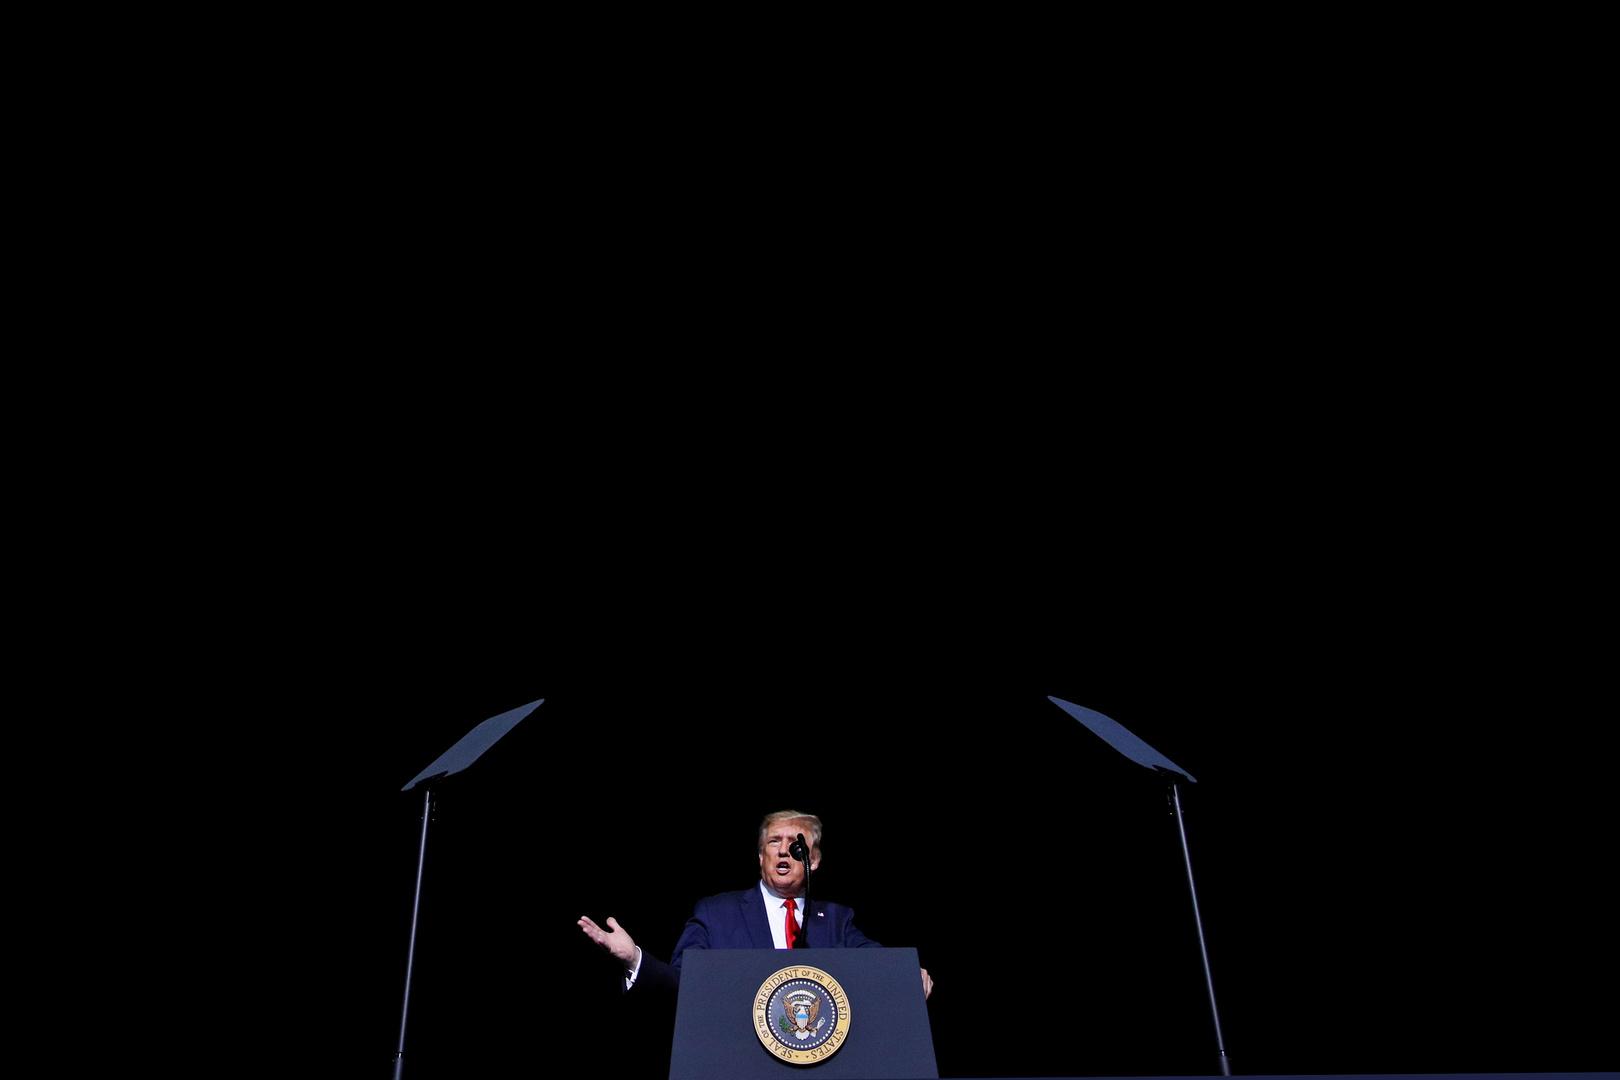 ترامب: لن نخسر الانتخابات إلا إذا زوروها